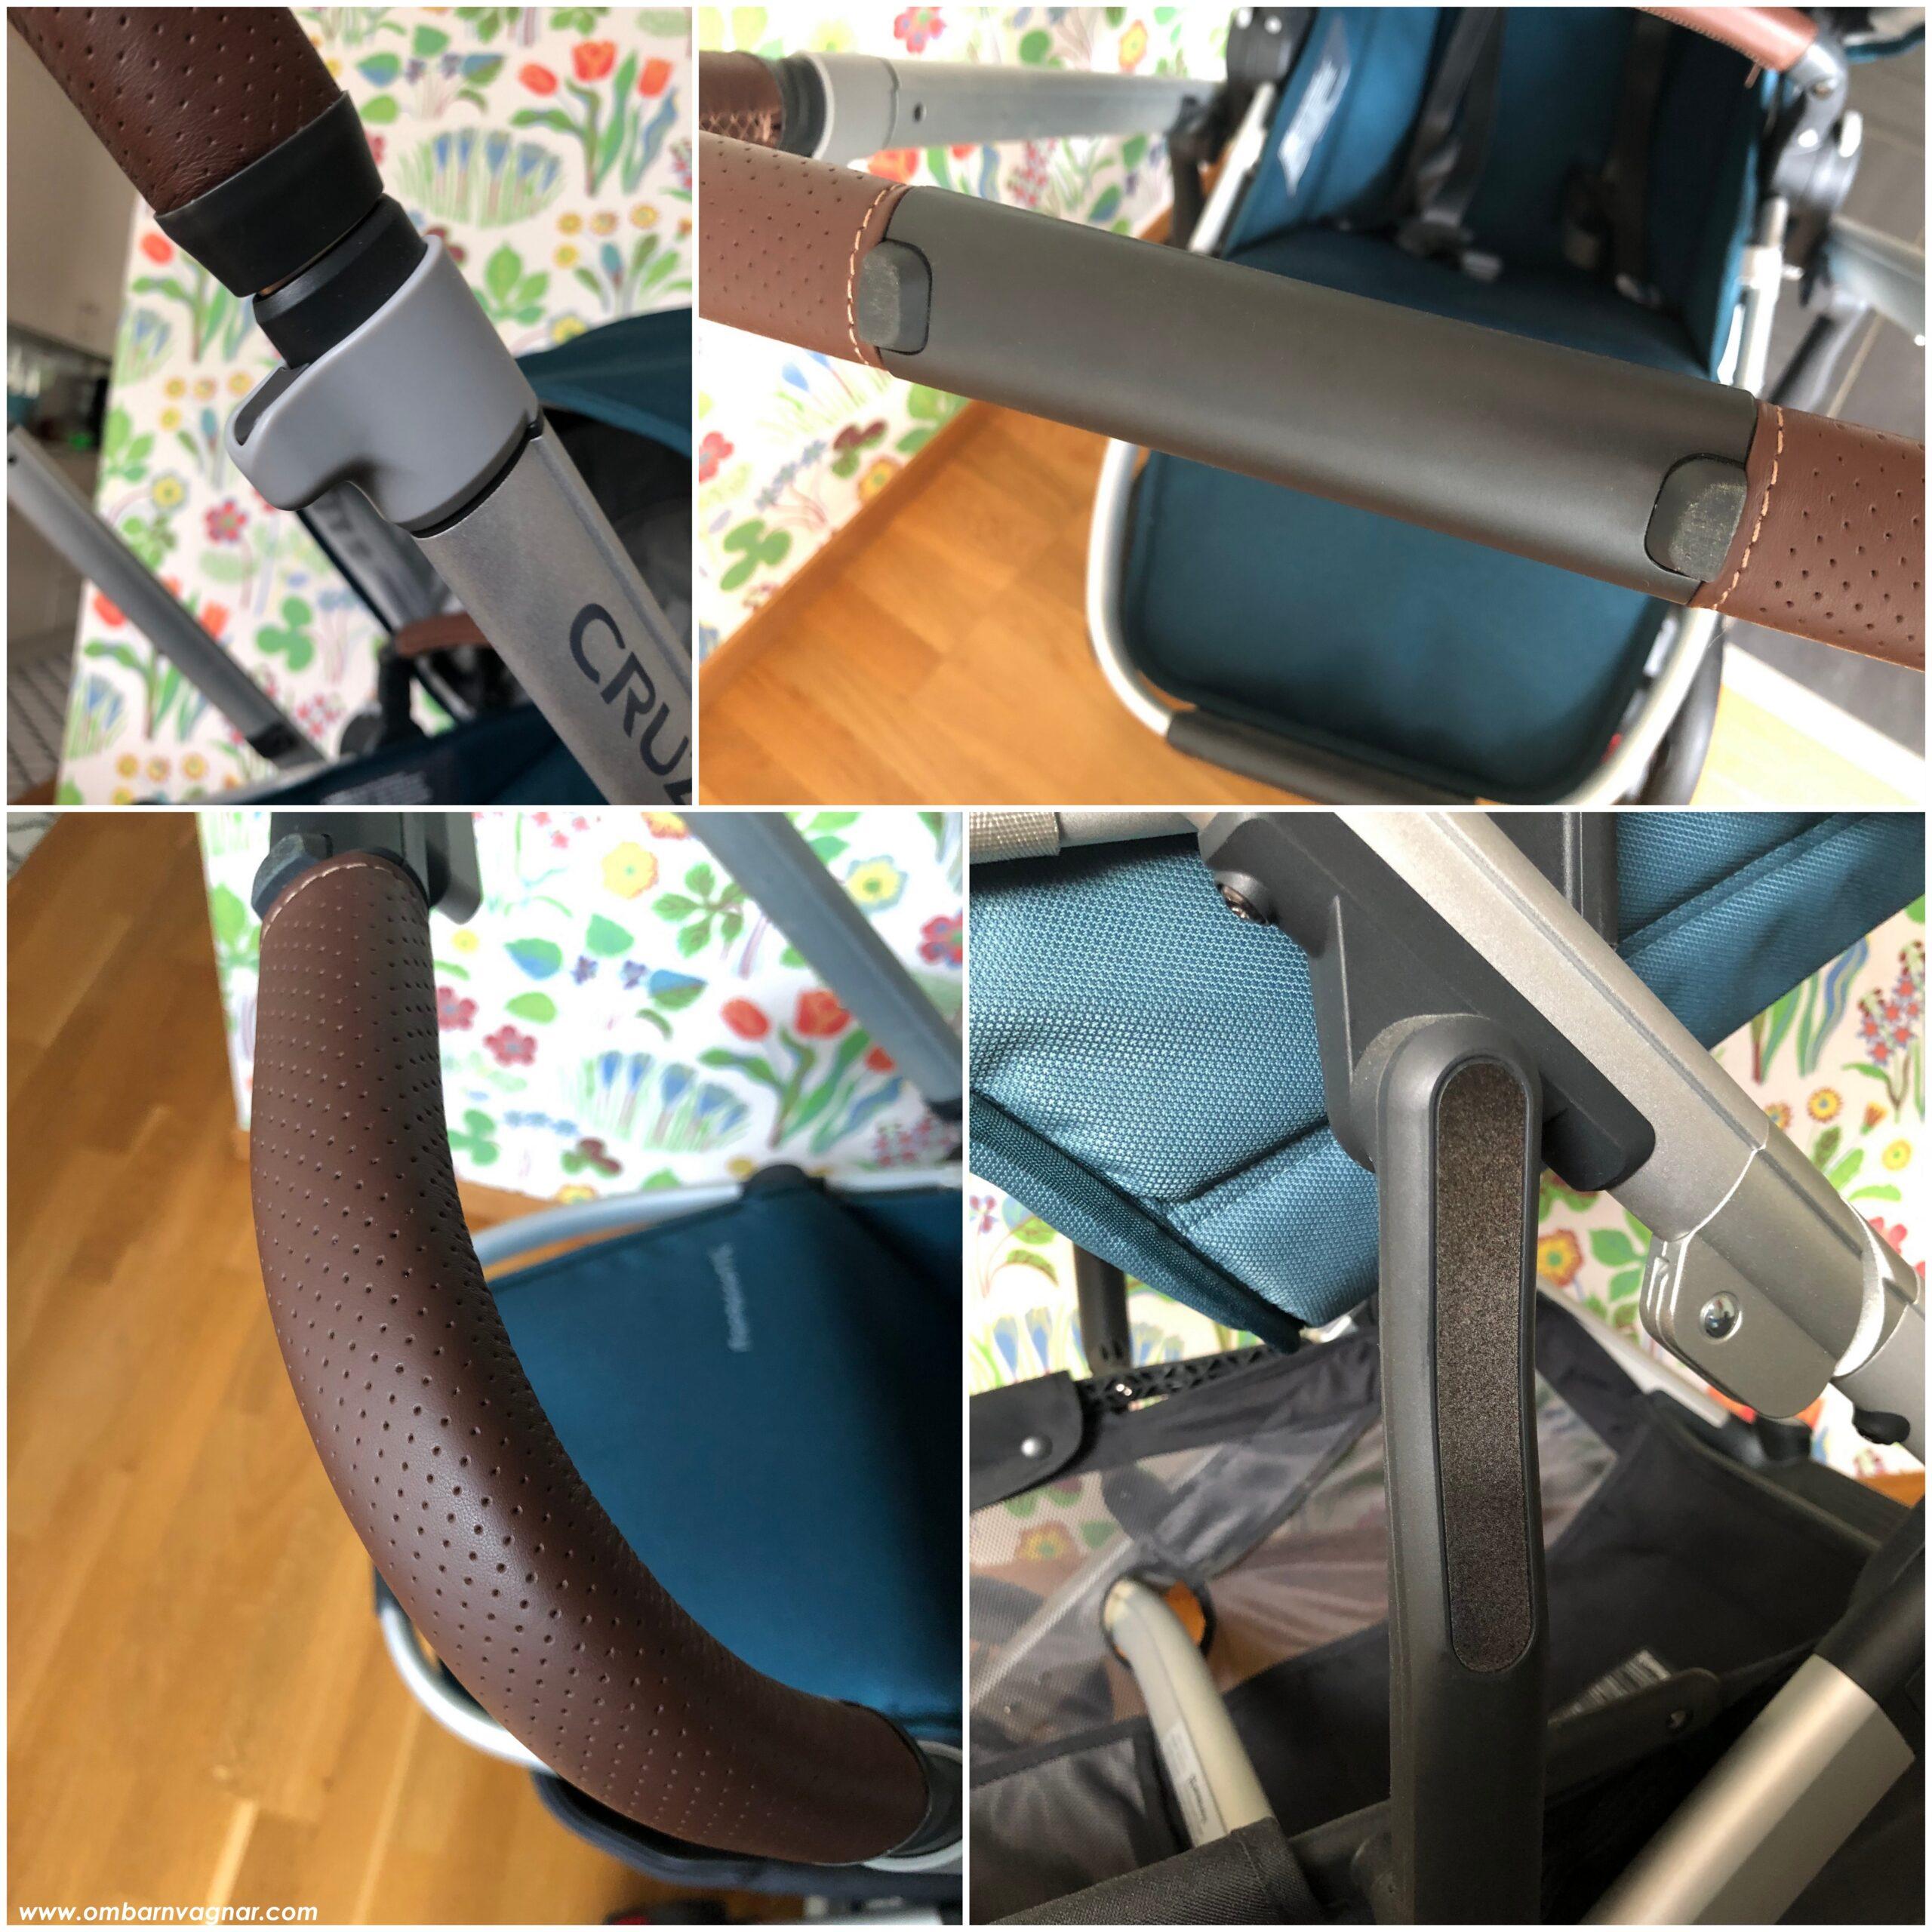 UPPAbaby Cruz V2 har läderhandtag med förstärkning, och inbyggda reflexer